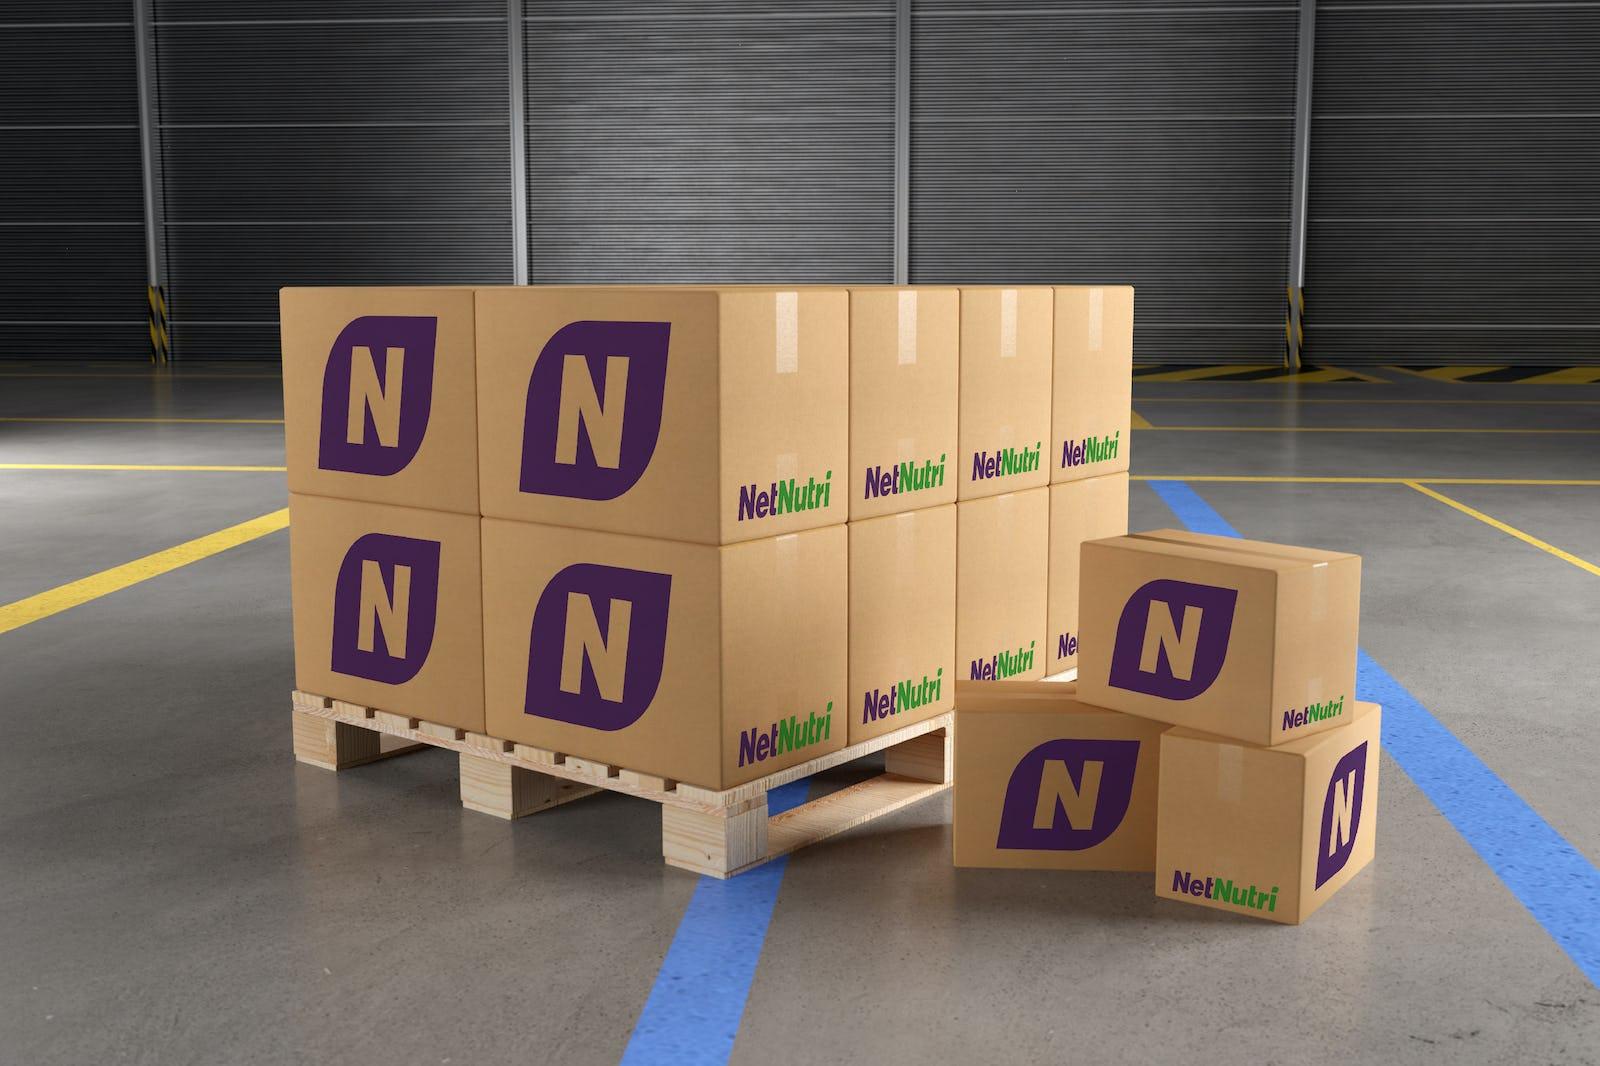 NetNutri packaging